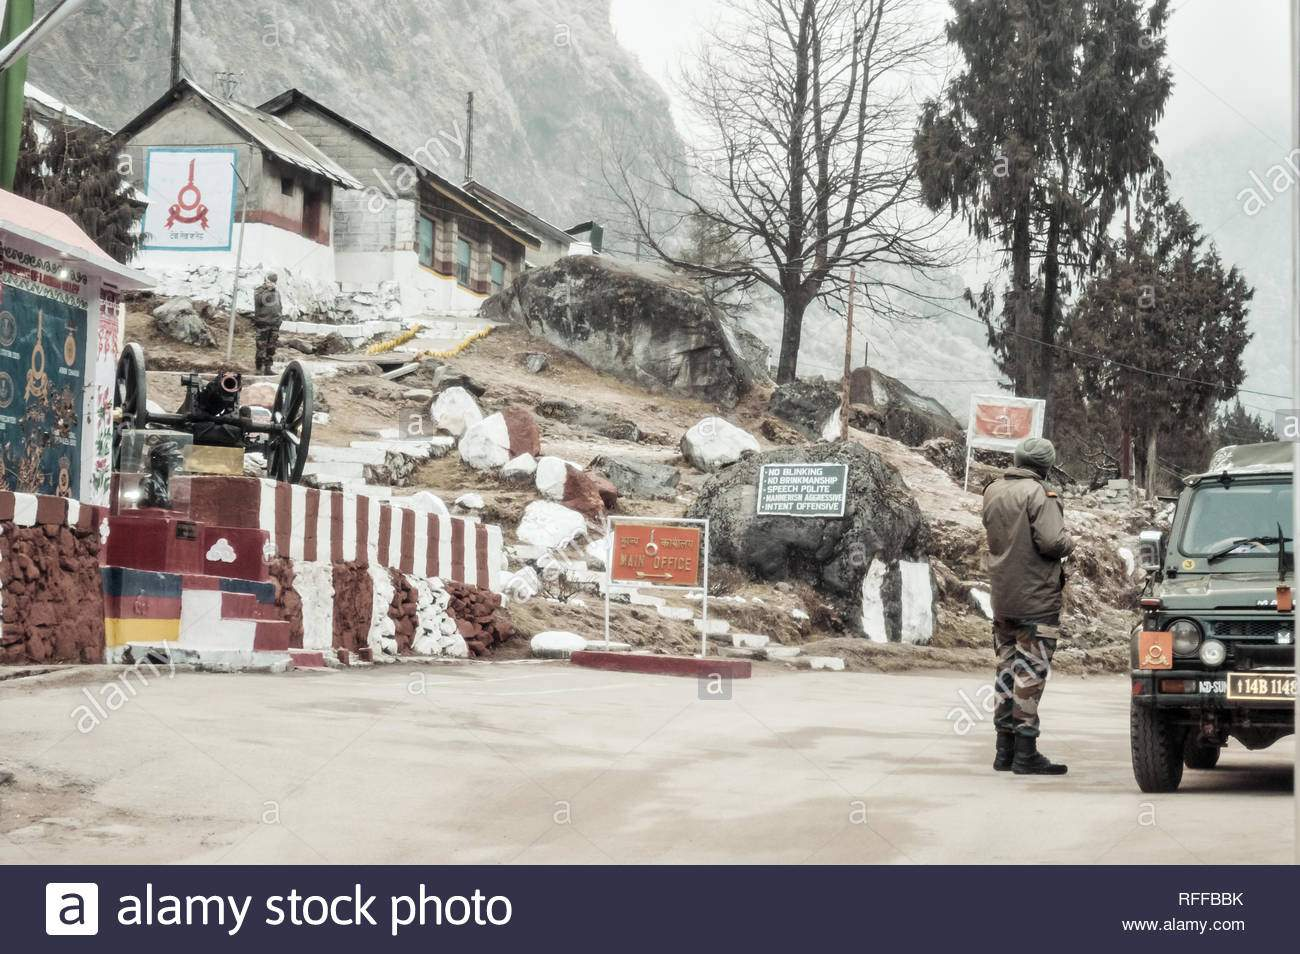 nathu la sikkim jan 2019 eine indische bsf armee grosse uhren indischen post an einem ft high mountain pass auf mcmahon zeile in indo nepal und indo bh rffbbk